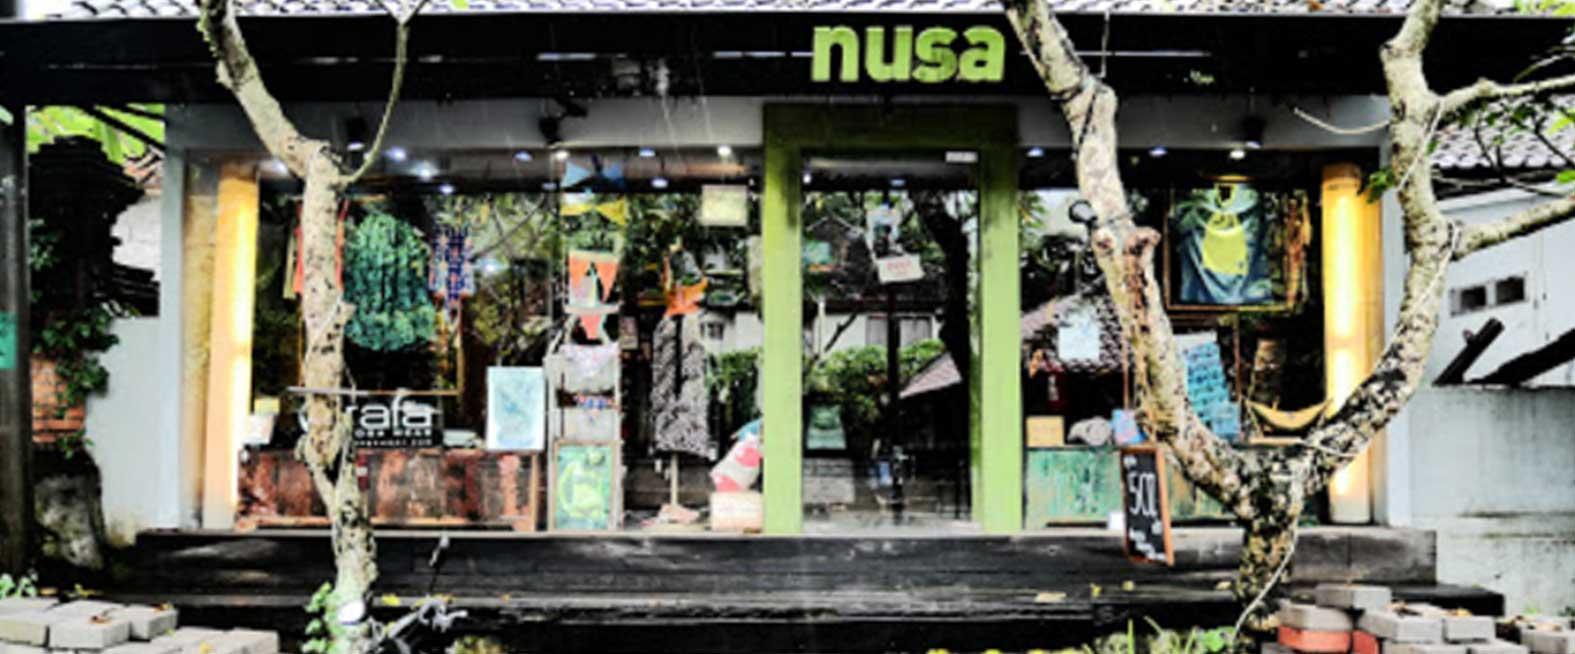 Nusa Surf Shops Ubud